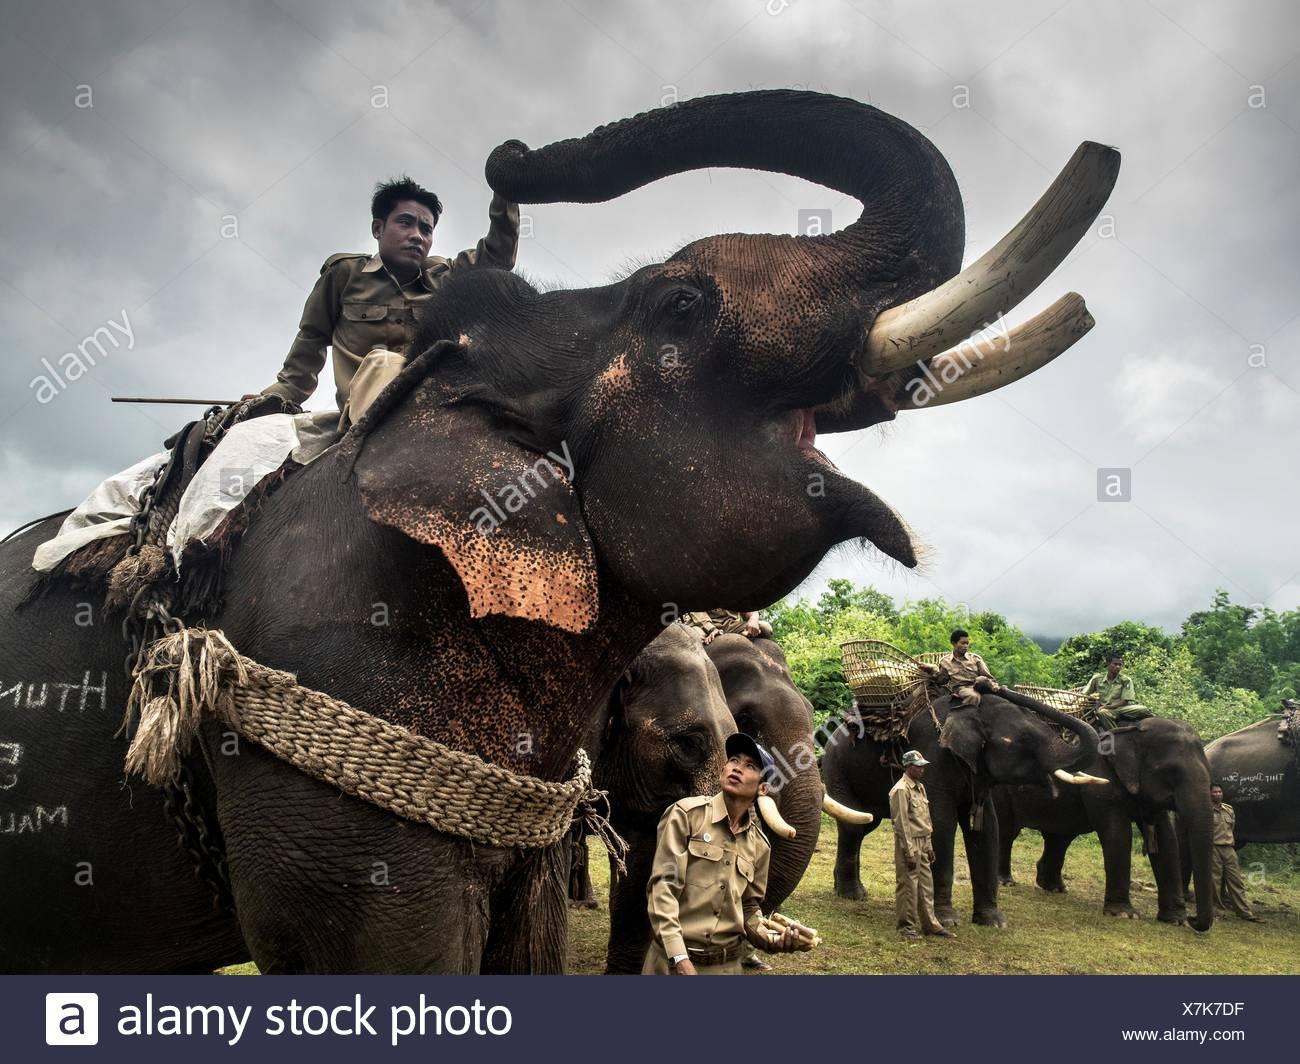 Un ranger rides un éléphant d'Asie, Elephas maximus. Photo Stock